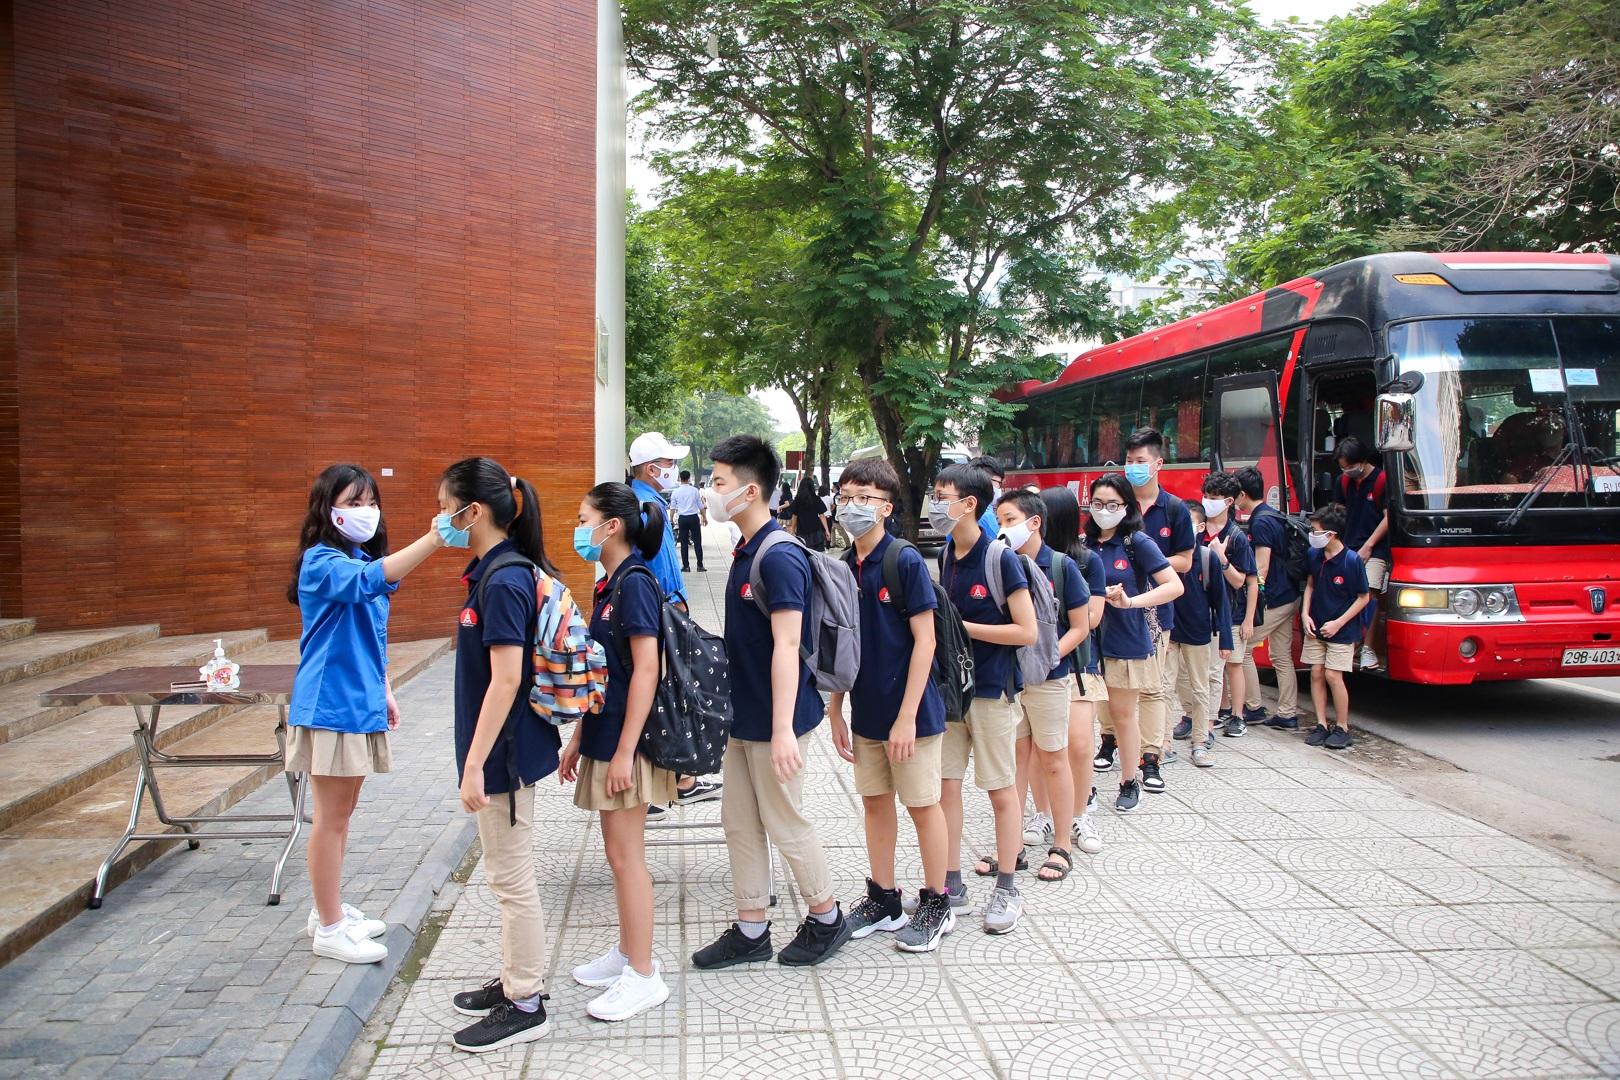 Tiết học đầu tiên giàu cảm xúc của học sinh Hà Nội sau 3 tháng nghỉ dịch - 16